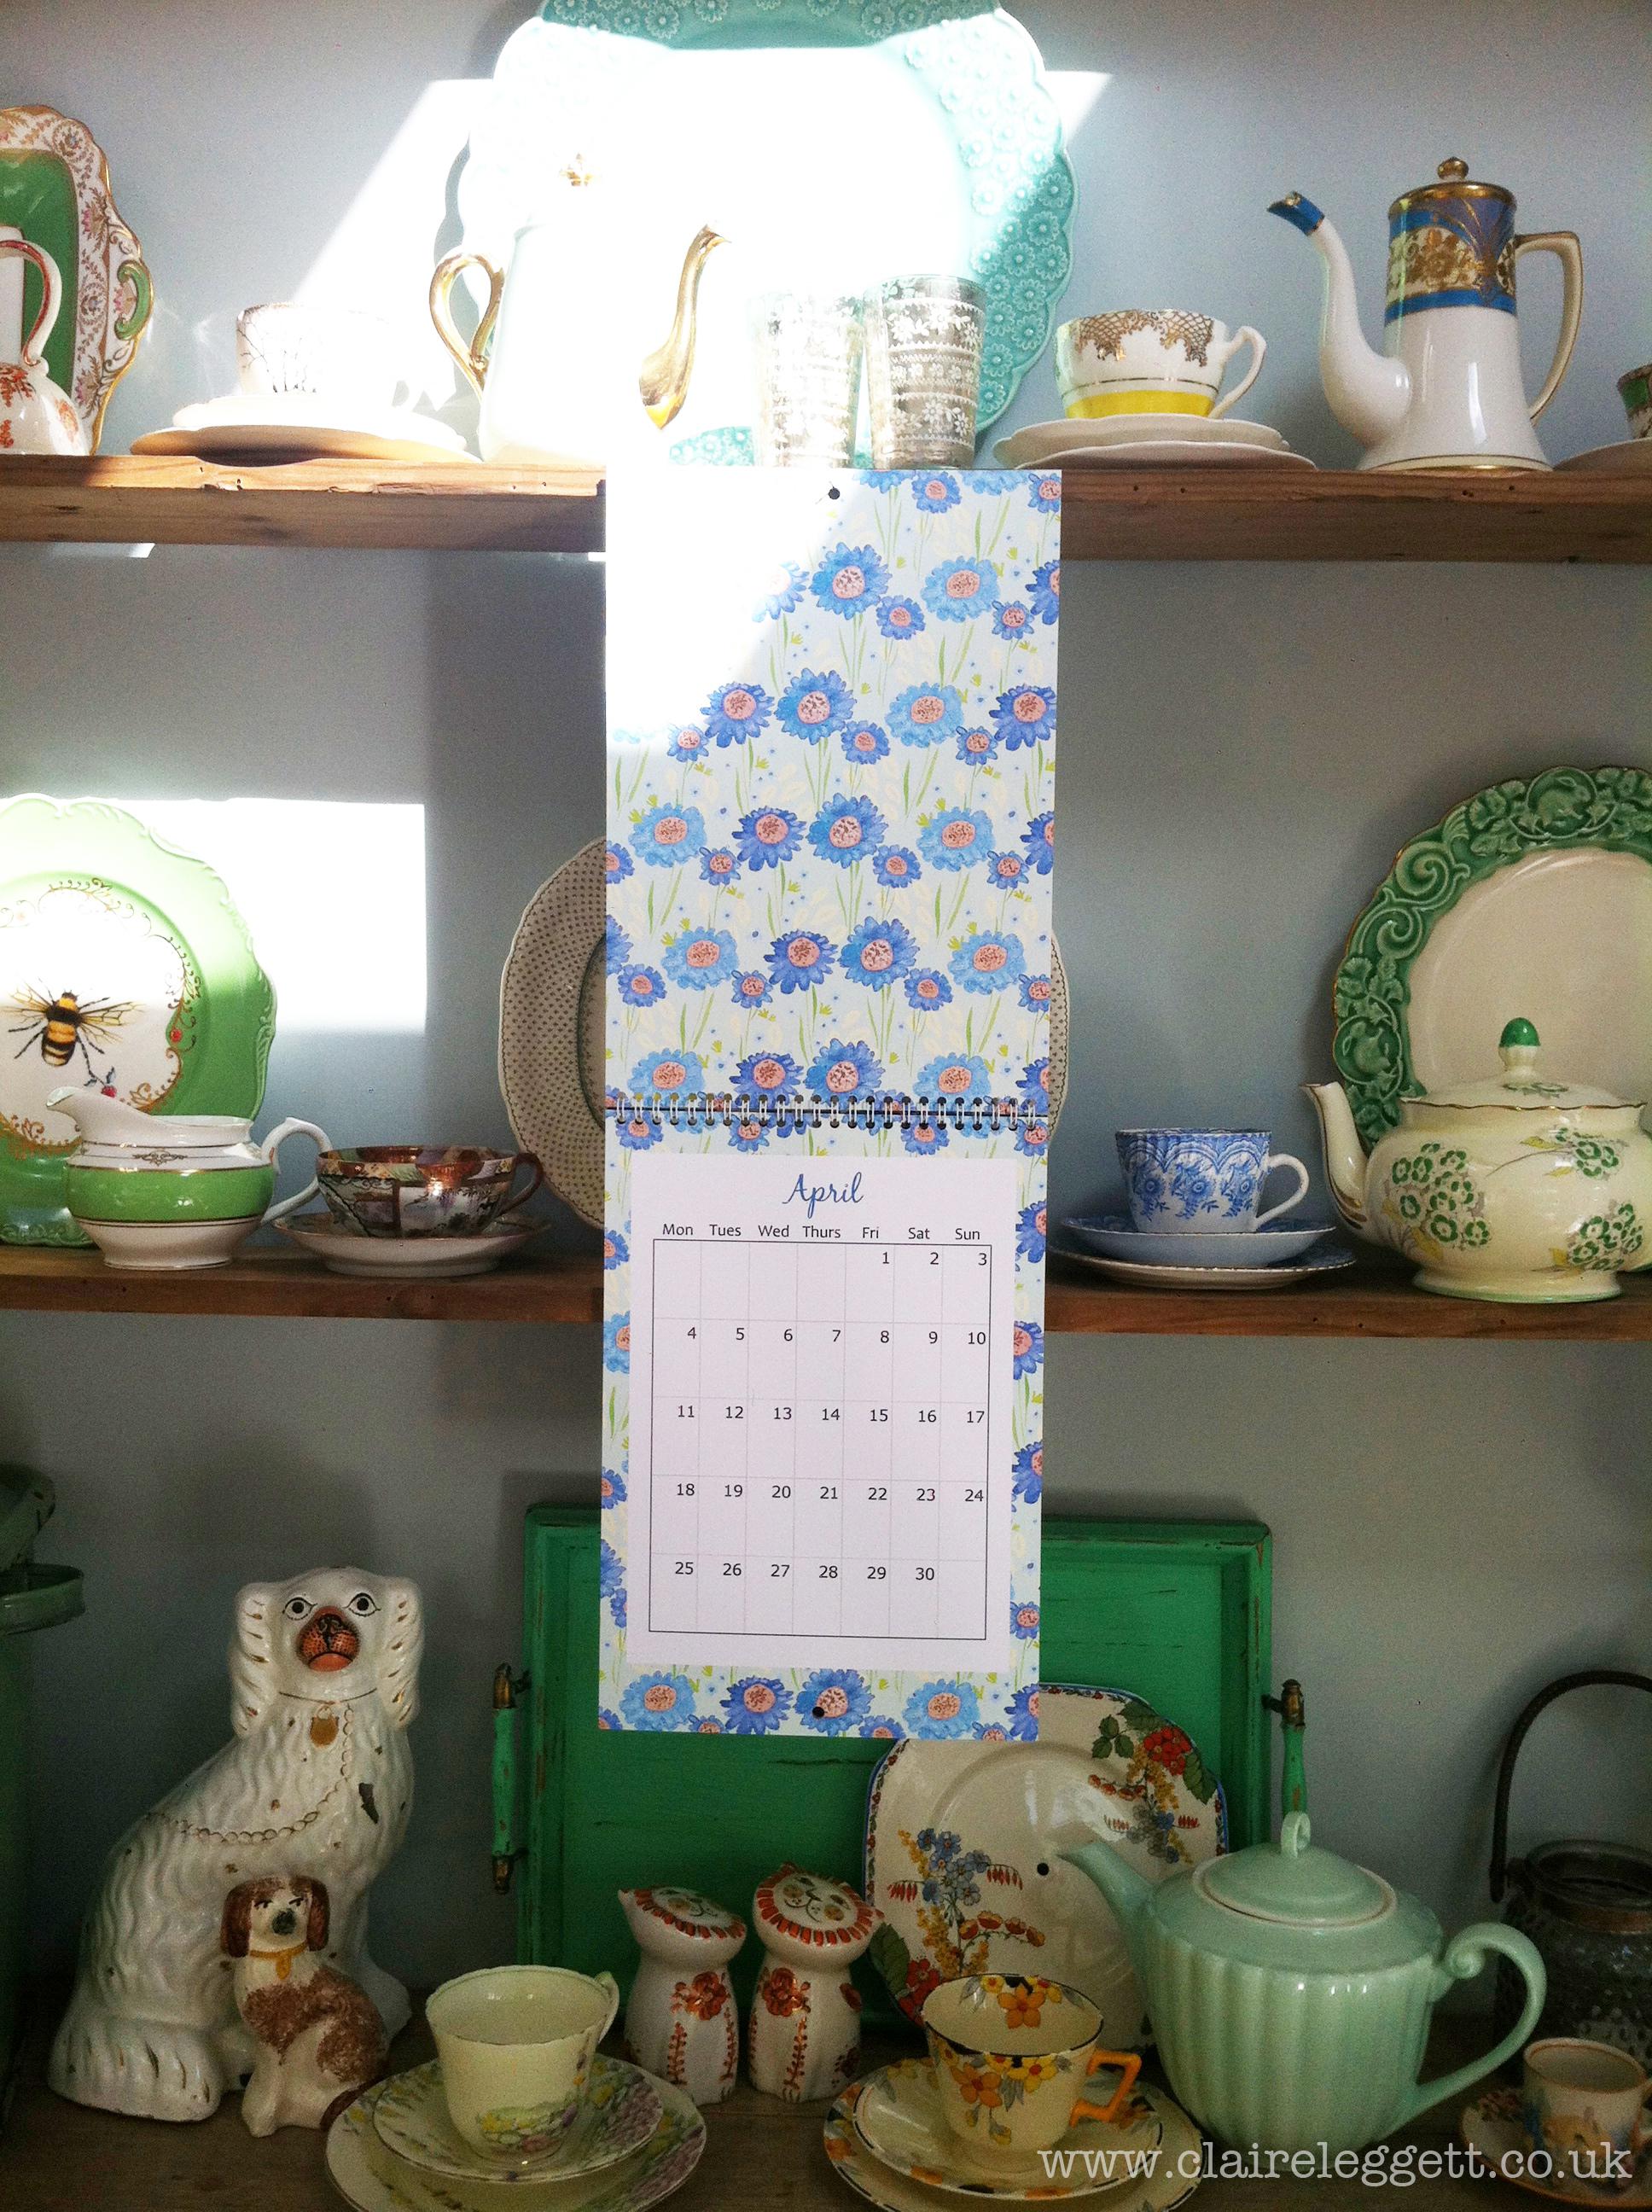 Claire_leggett_surface_pattern_design_calendar_APRIL_2016 copy